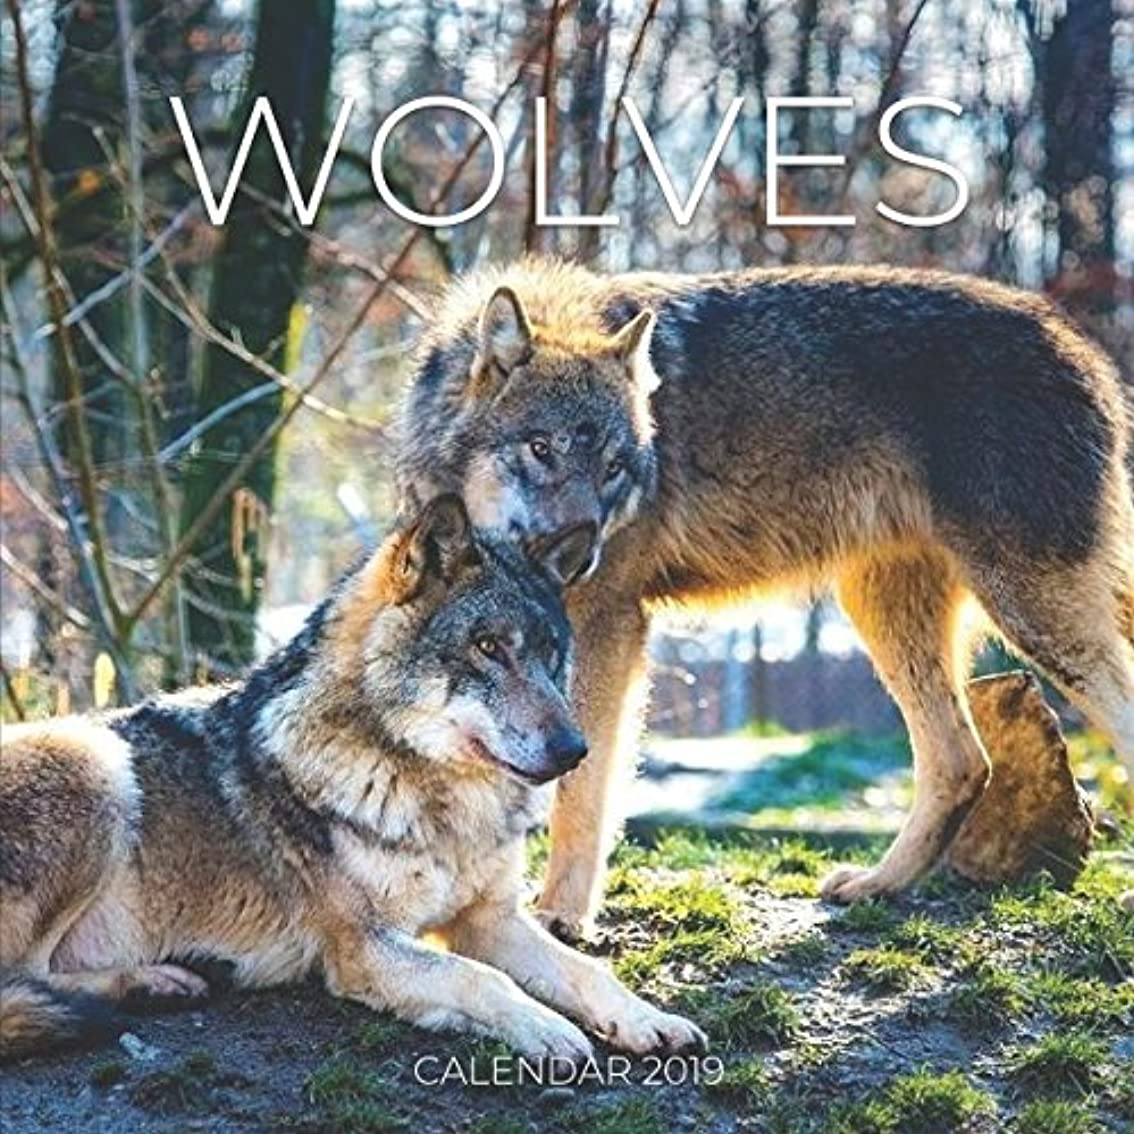 はげさらに細胞Wolves Calendar 2019: Mini Wall Calendar Wolf Photography 12 Month Calendar